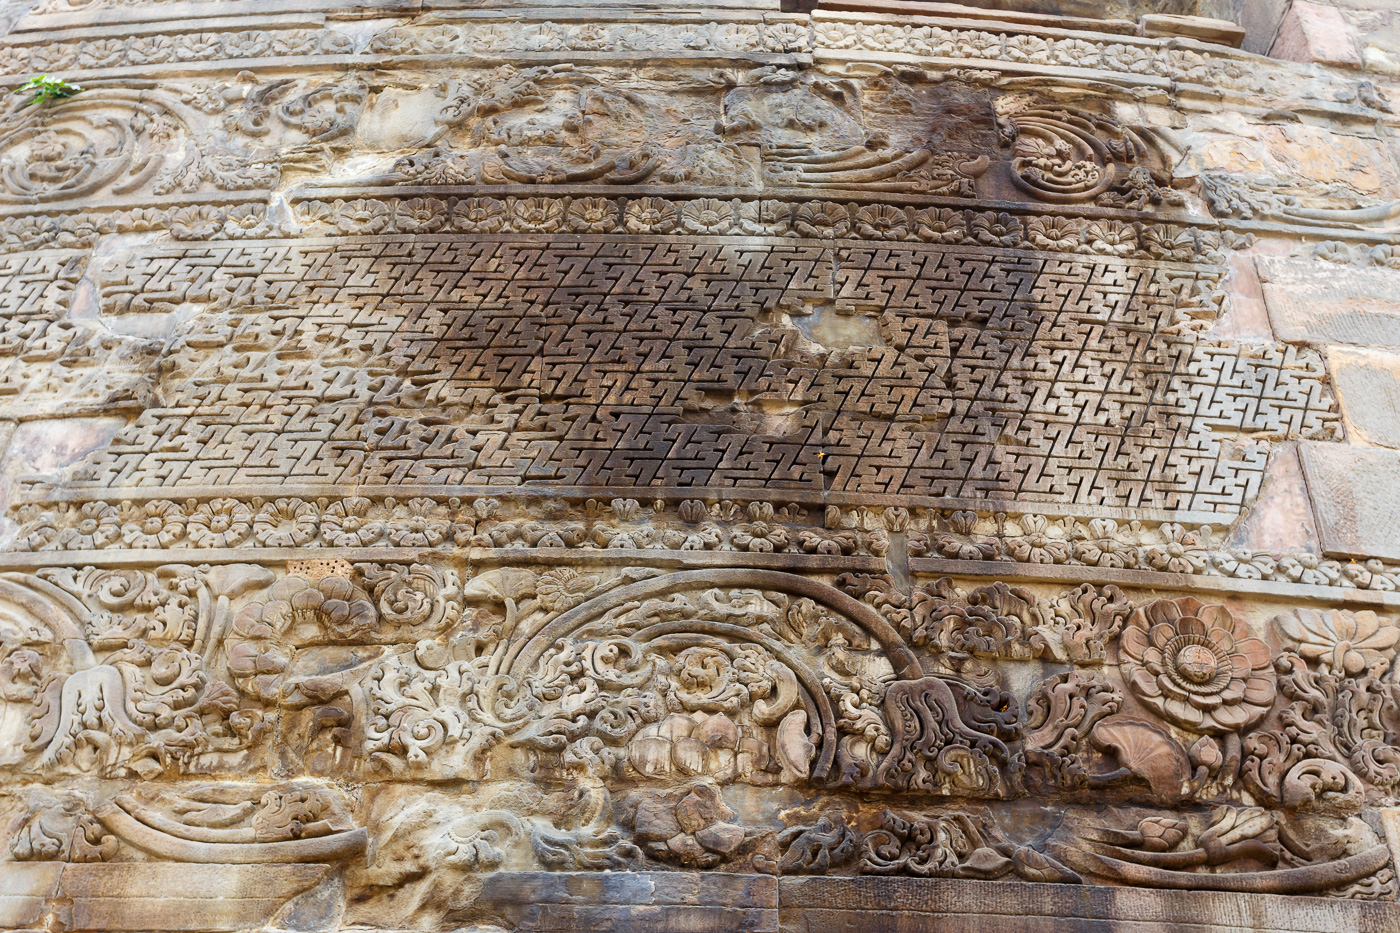 Фото 22. Орнамент на ступе в Сарнатхе. Отчет о поездке в Варанаси из Дели.